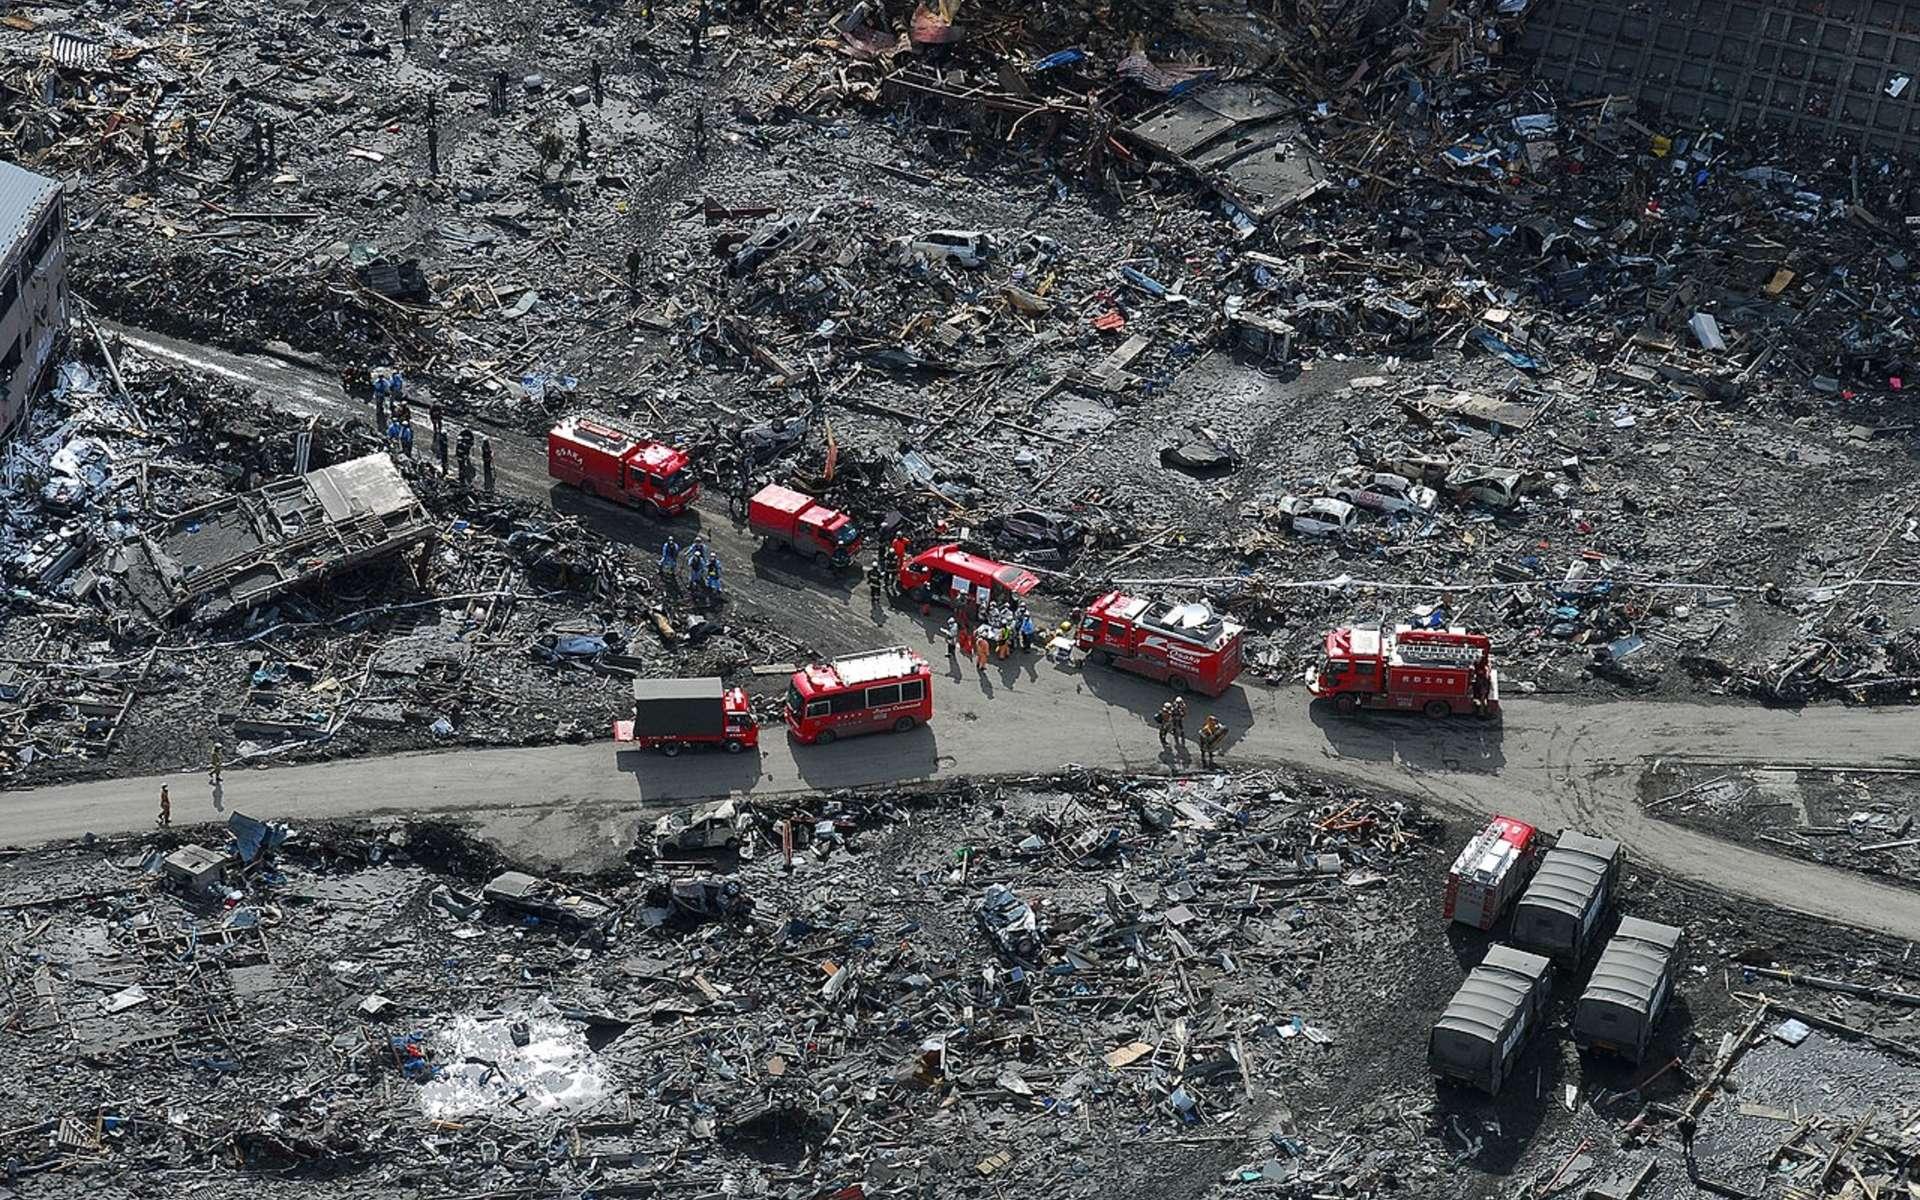 Les dégâts causés par le séisme et le tsunami de 2011 au Japon. © U.S. Navy, photo by Mass Communication Specialist 3rd Class Dylan McCord, Public domain, Wikimedia Commons